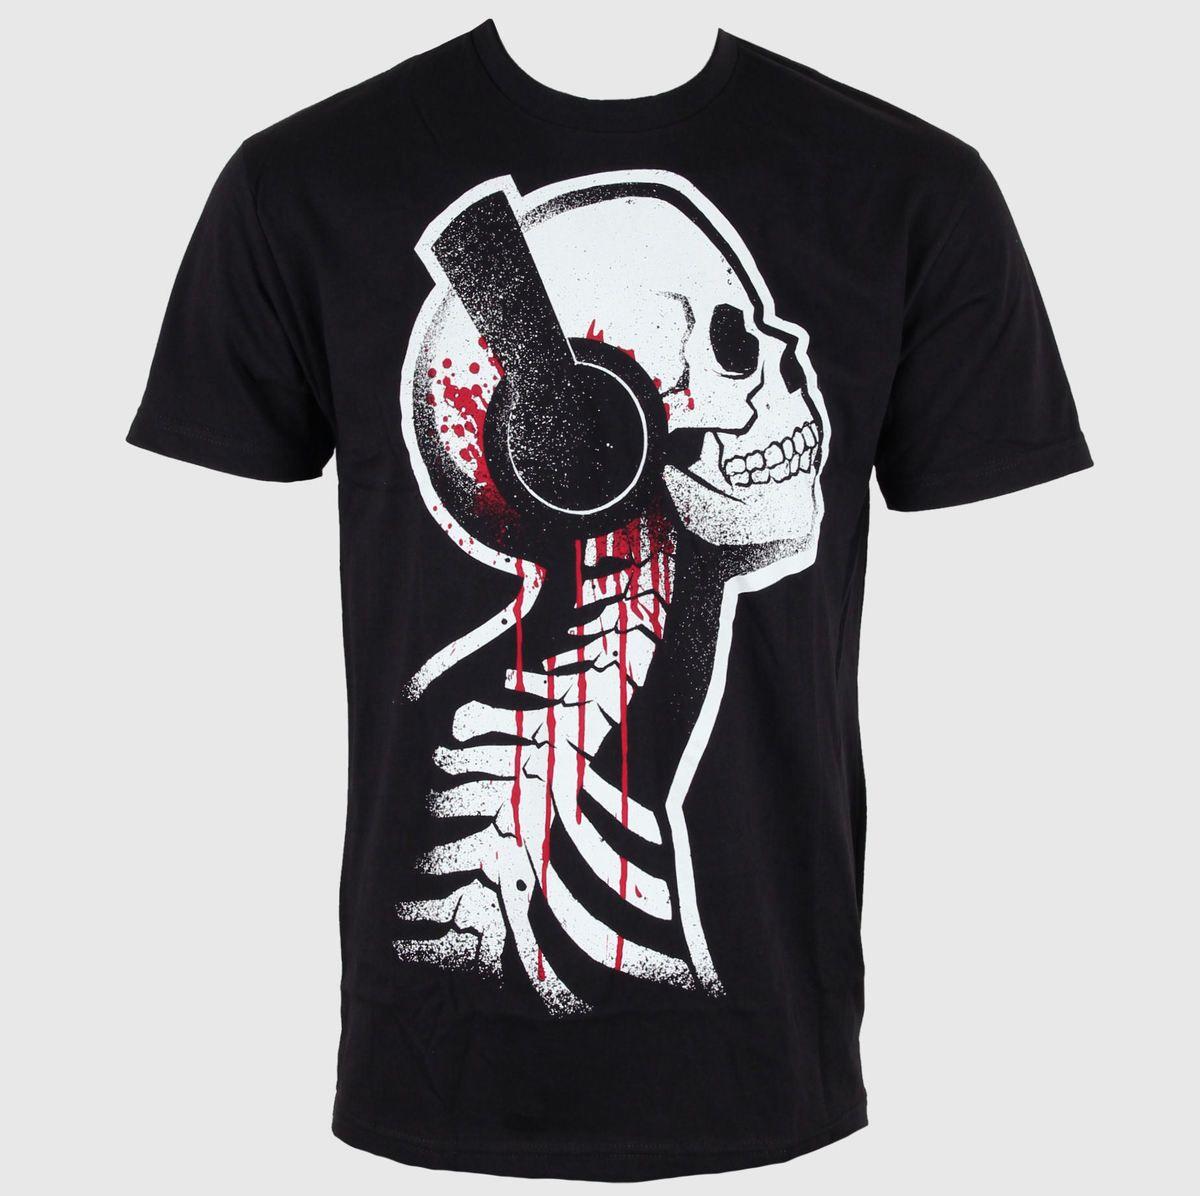 8223e7b2f04b Herren T Shirt Akumu Ink Black Tee Größe XXL It T Shirts Humor T ...